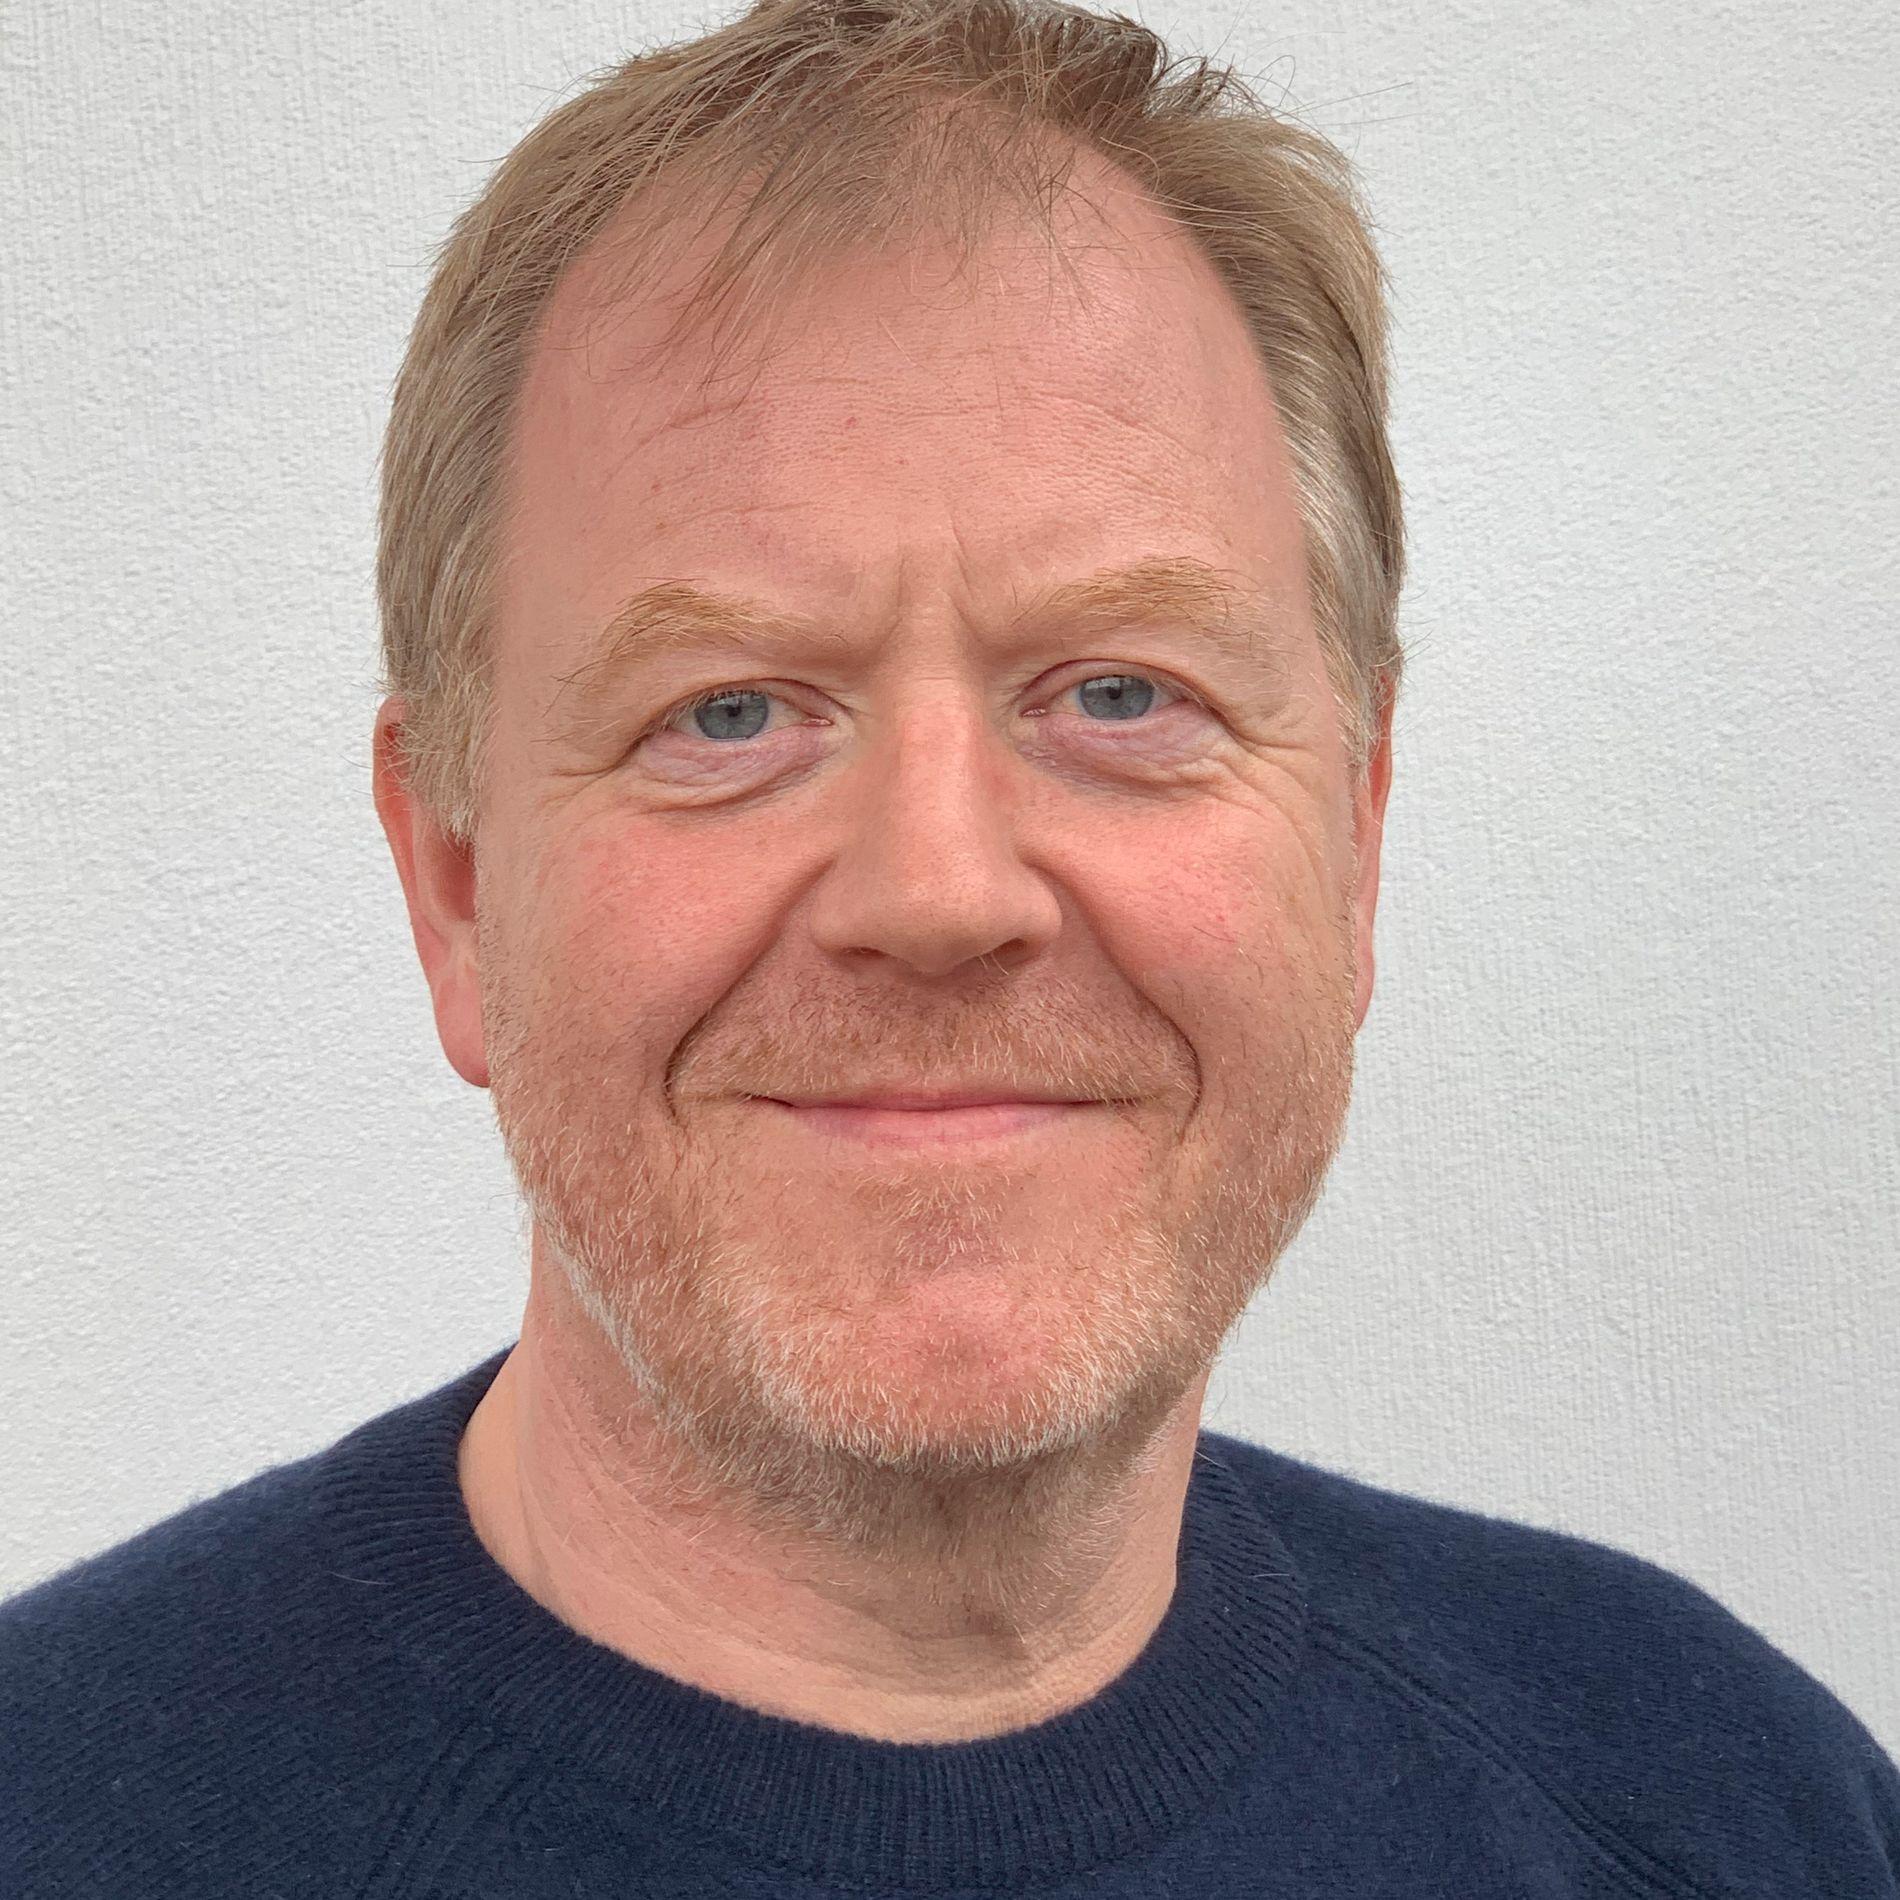 Kjell Arne Knutsen